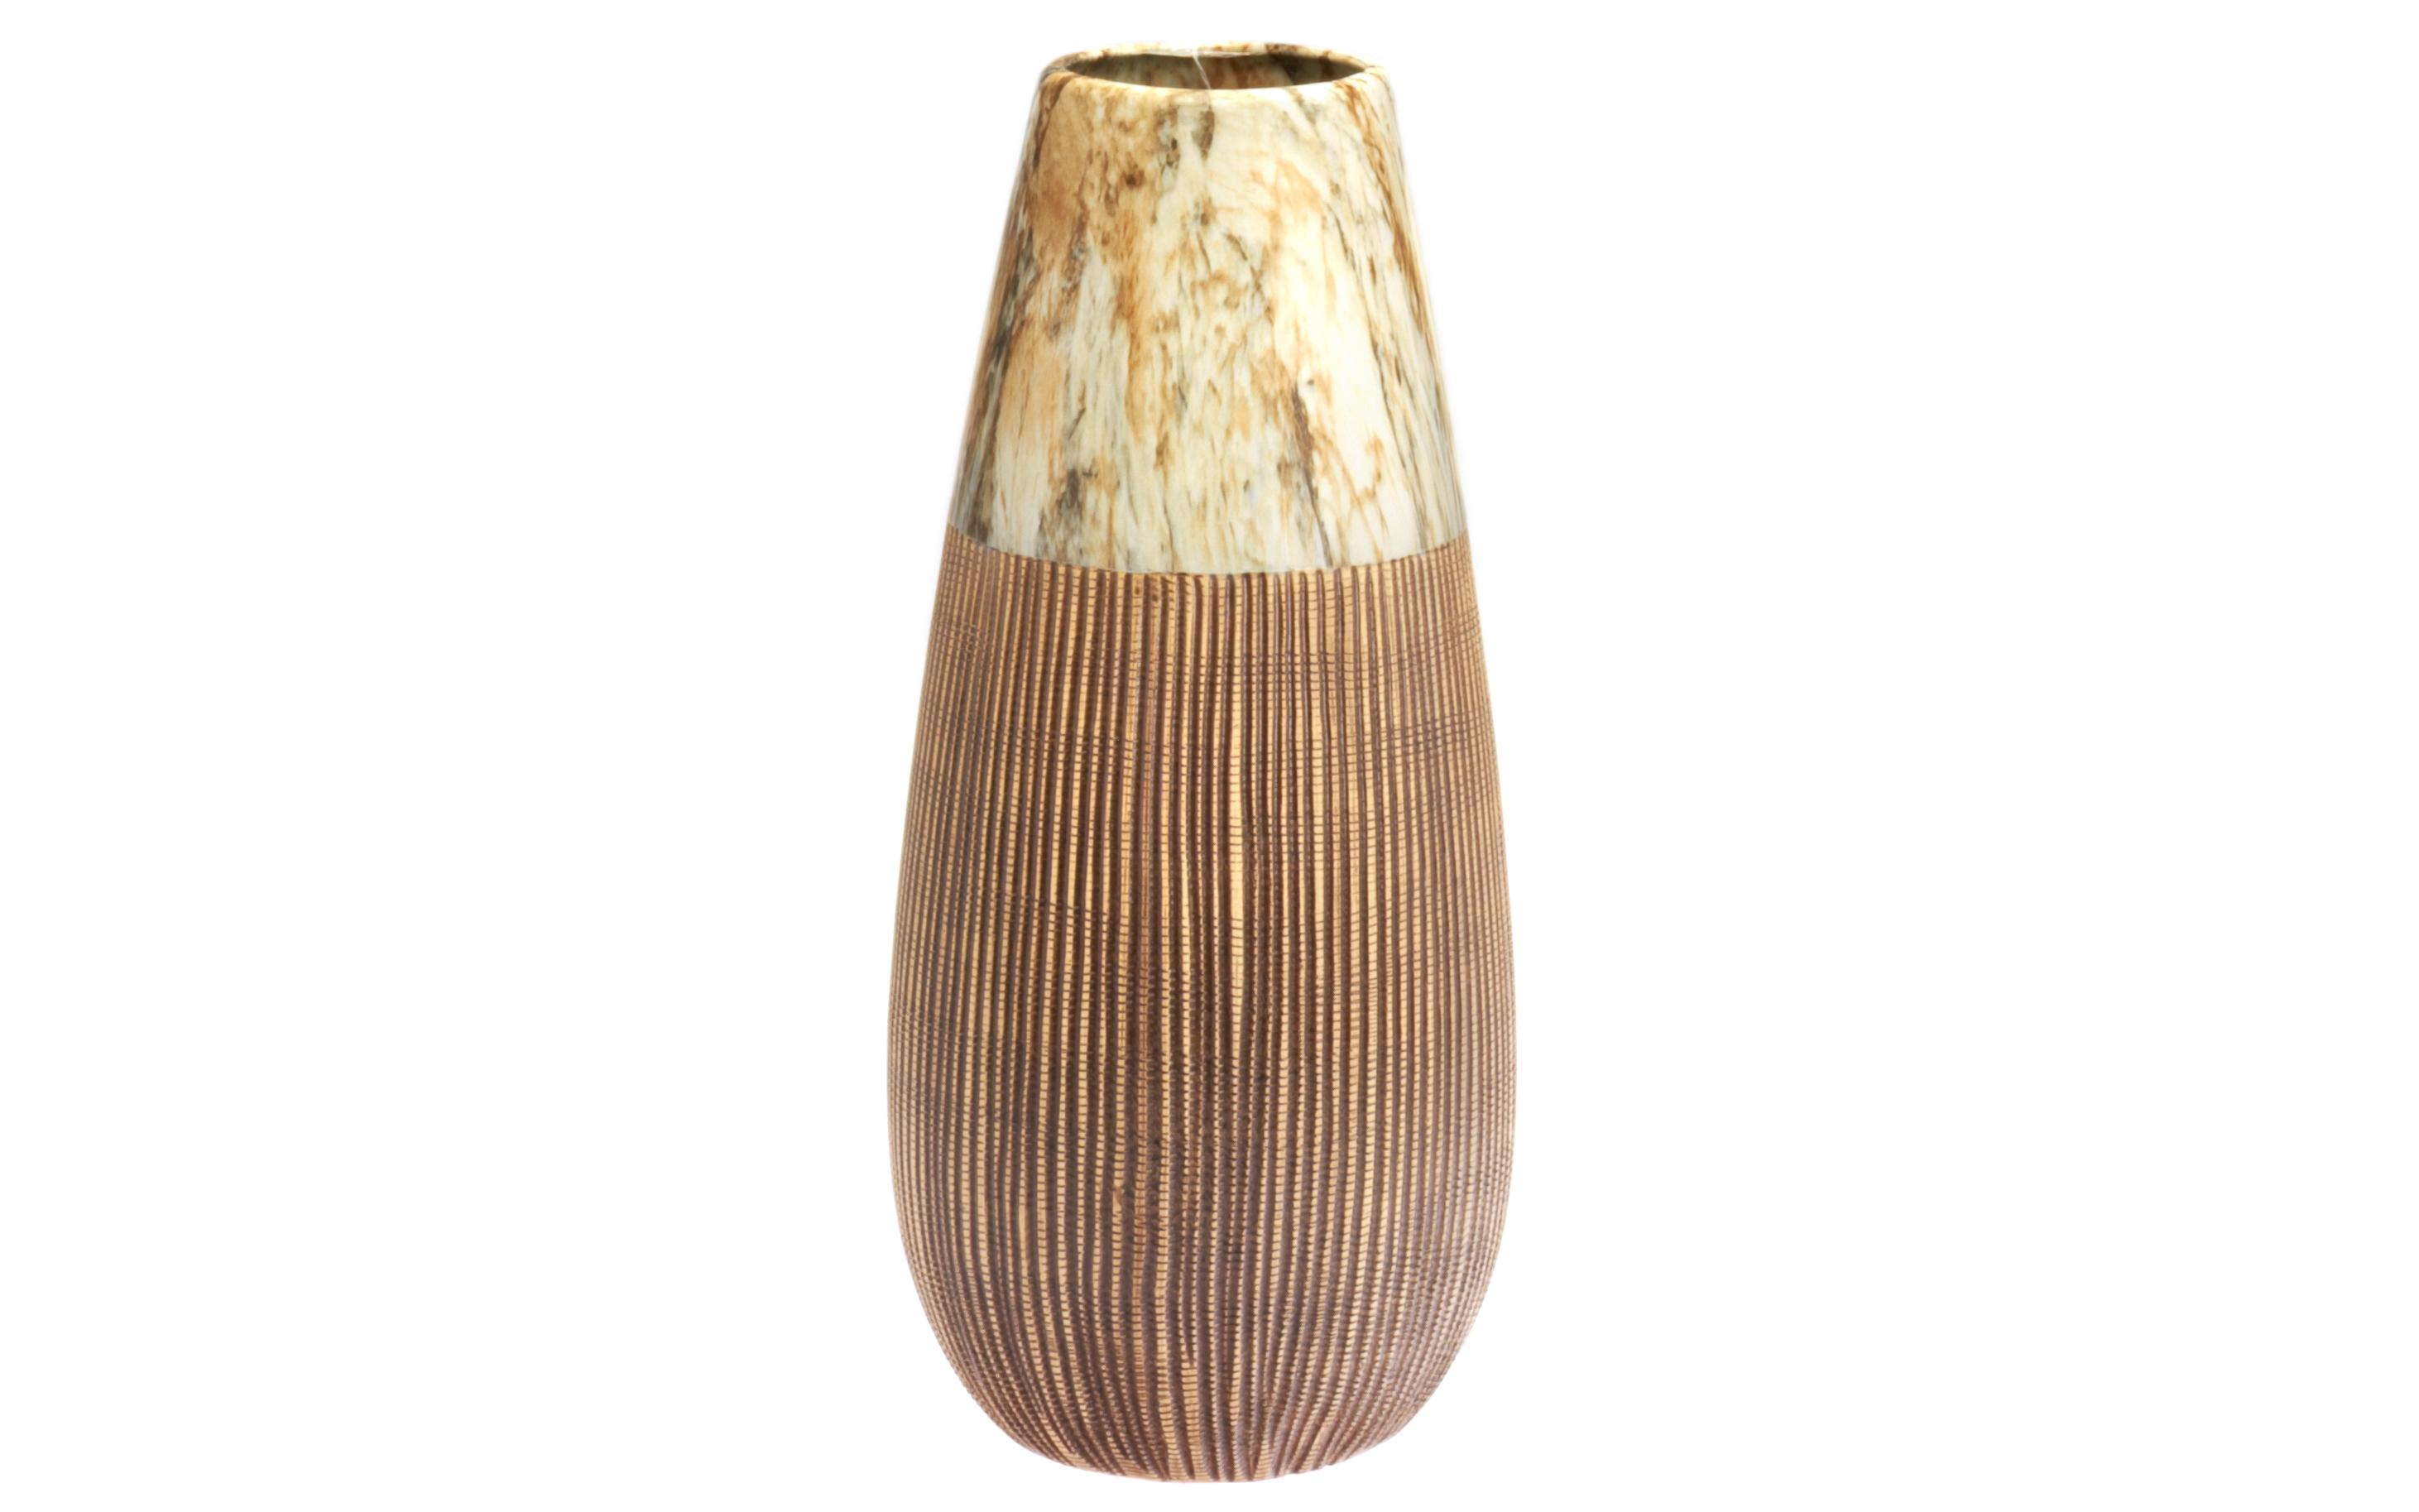 ВазаВазы<br>Эта керамическая ваза создана в этническом стиле. Совершенство форм и гармония полутонов придают модели особый шарм и контрастность. Одна часть предмета имеет рельефную поверхность и выполнена в коричневом цвете. Вторая, наименьшая, оформлена размытыми штрихами. Благодаря такому необычному сочетанию образ получился &amp;amp;nbsp;«многоликим» и колоритным.<br><br>Material: Керамика<br>Ширина см: 19<br>Высота см: 41.5